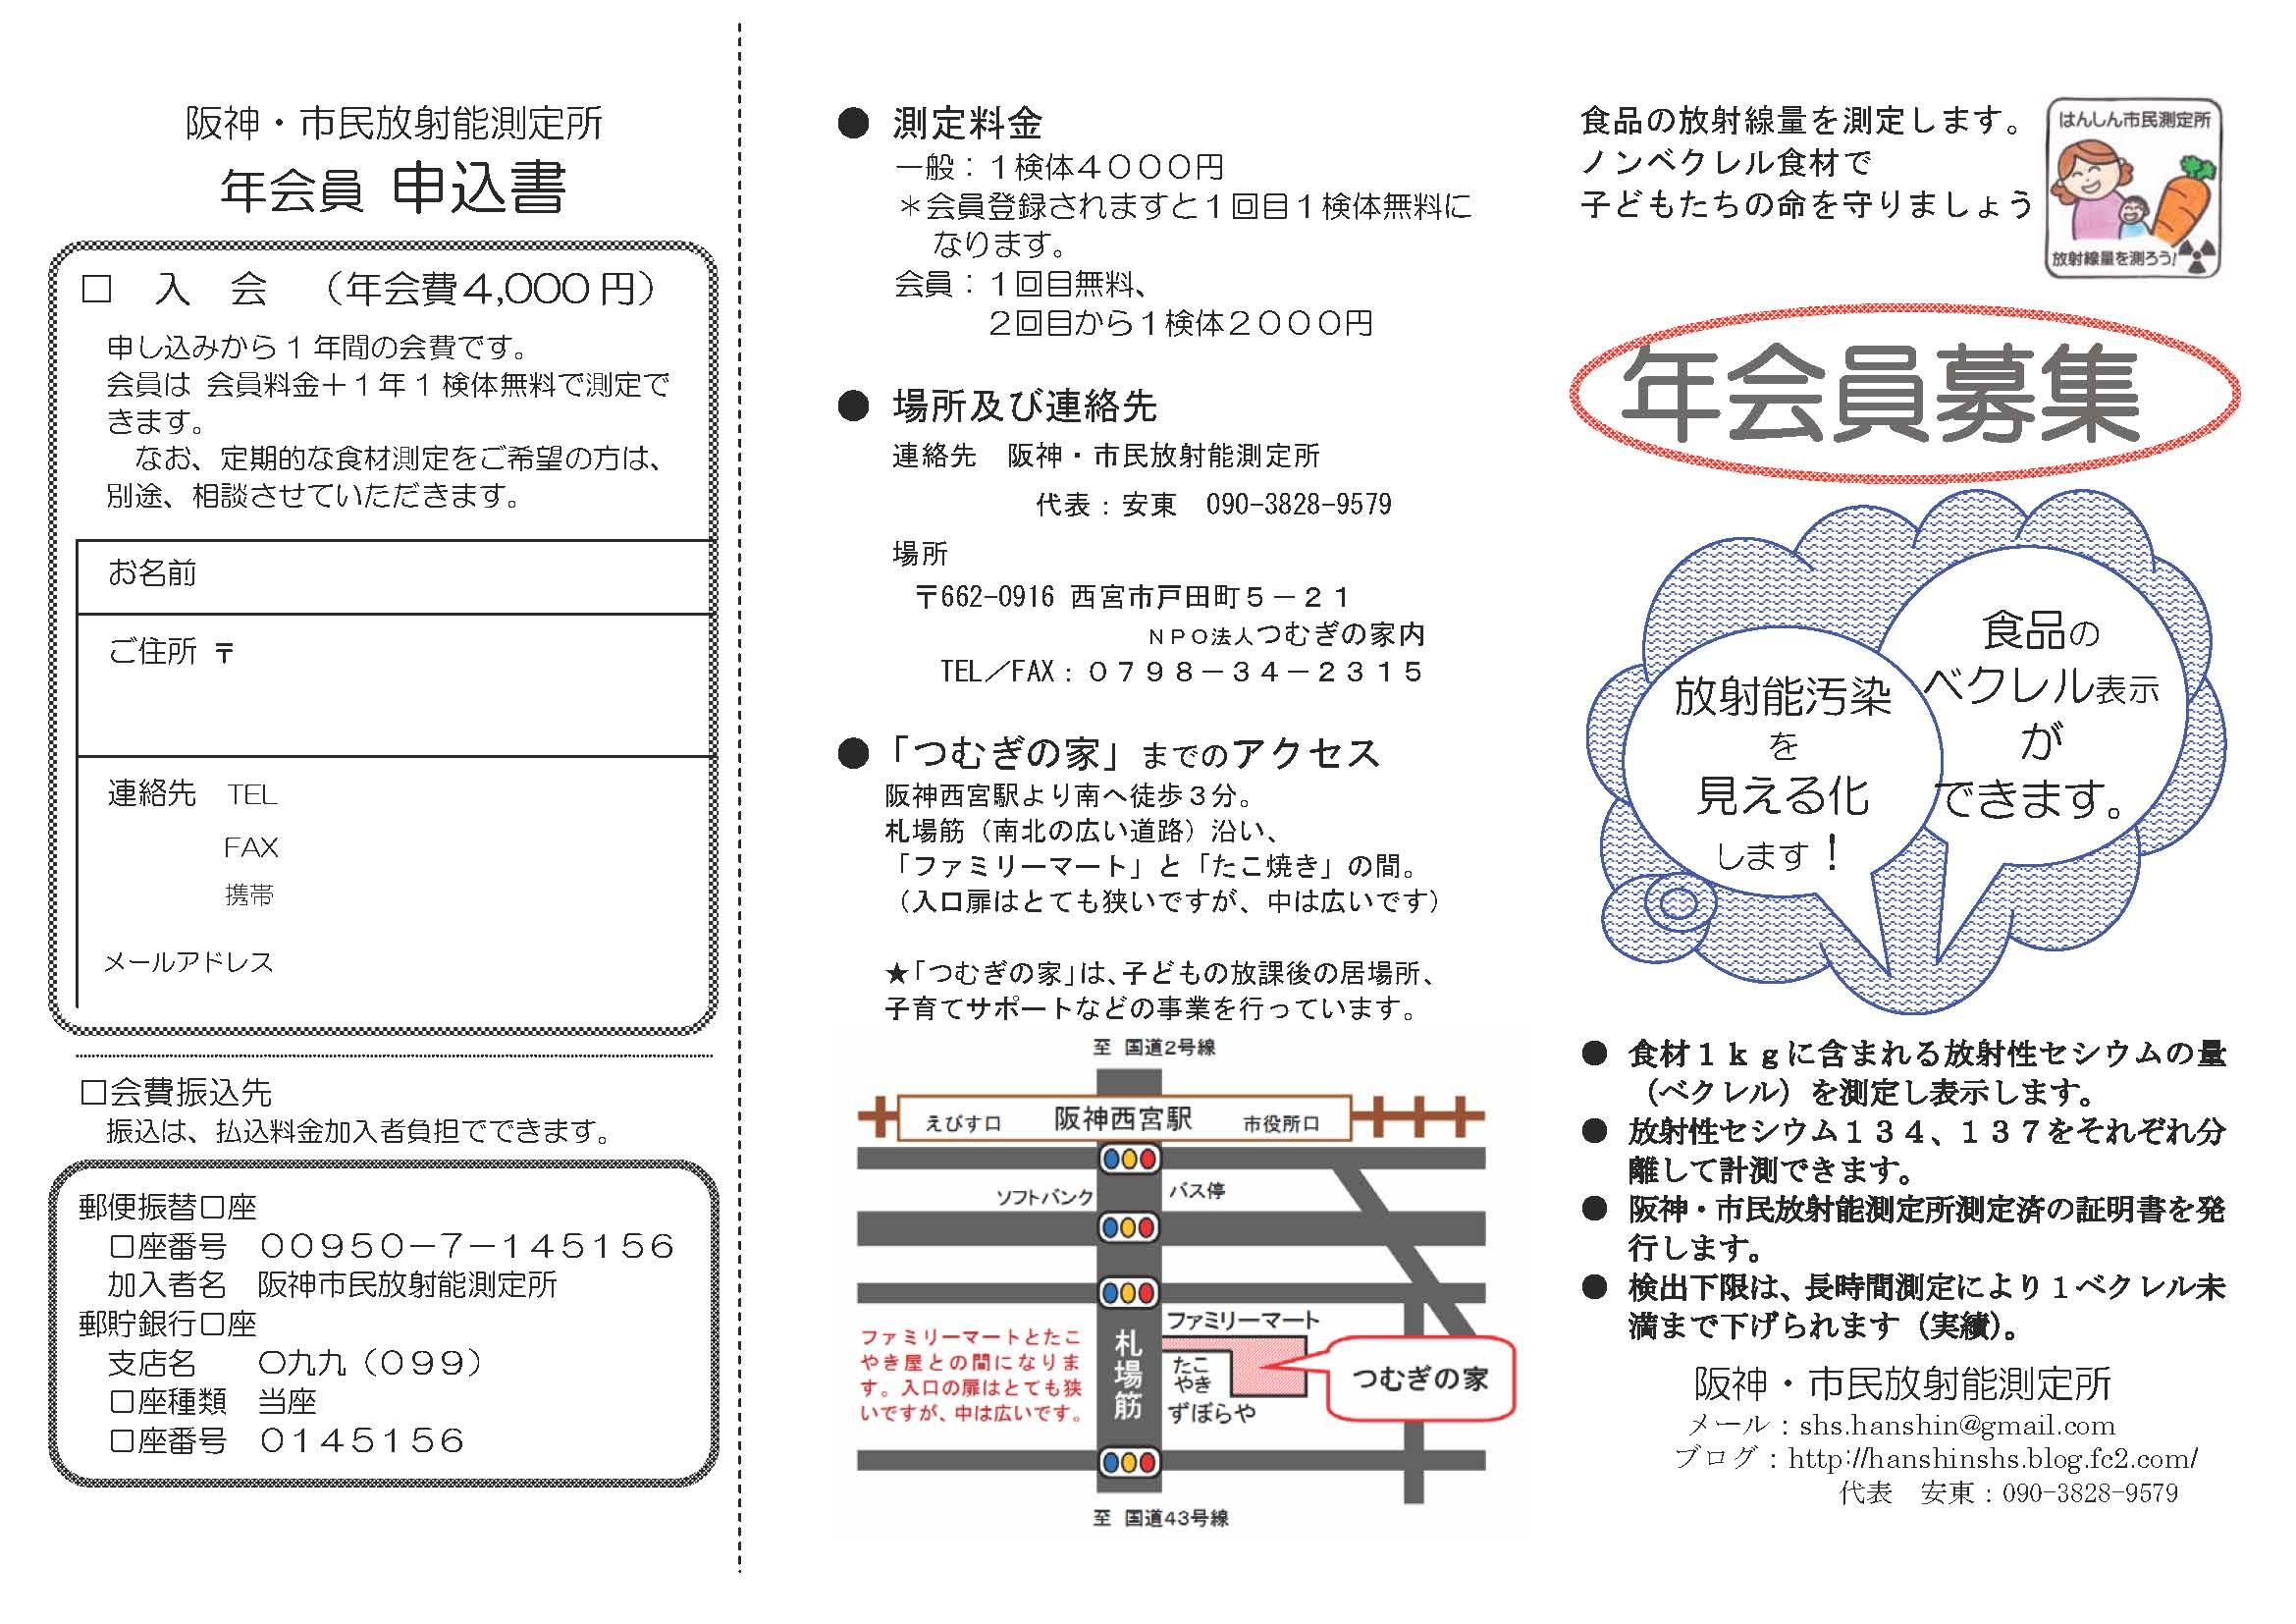 阪神測定室リーフ(PR用)1